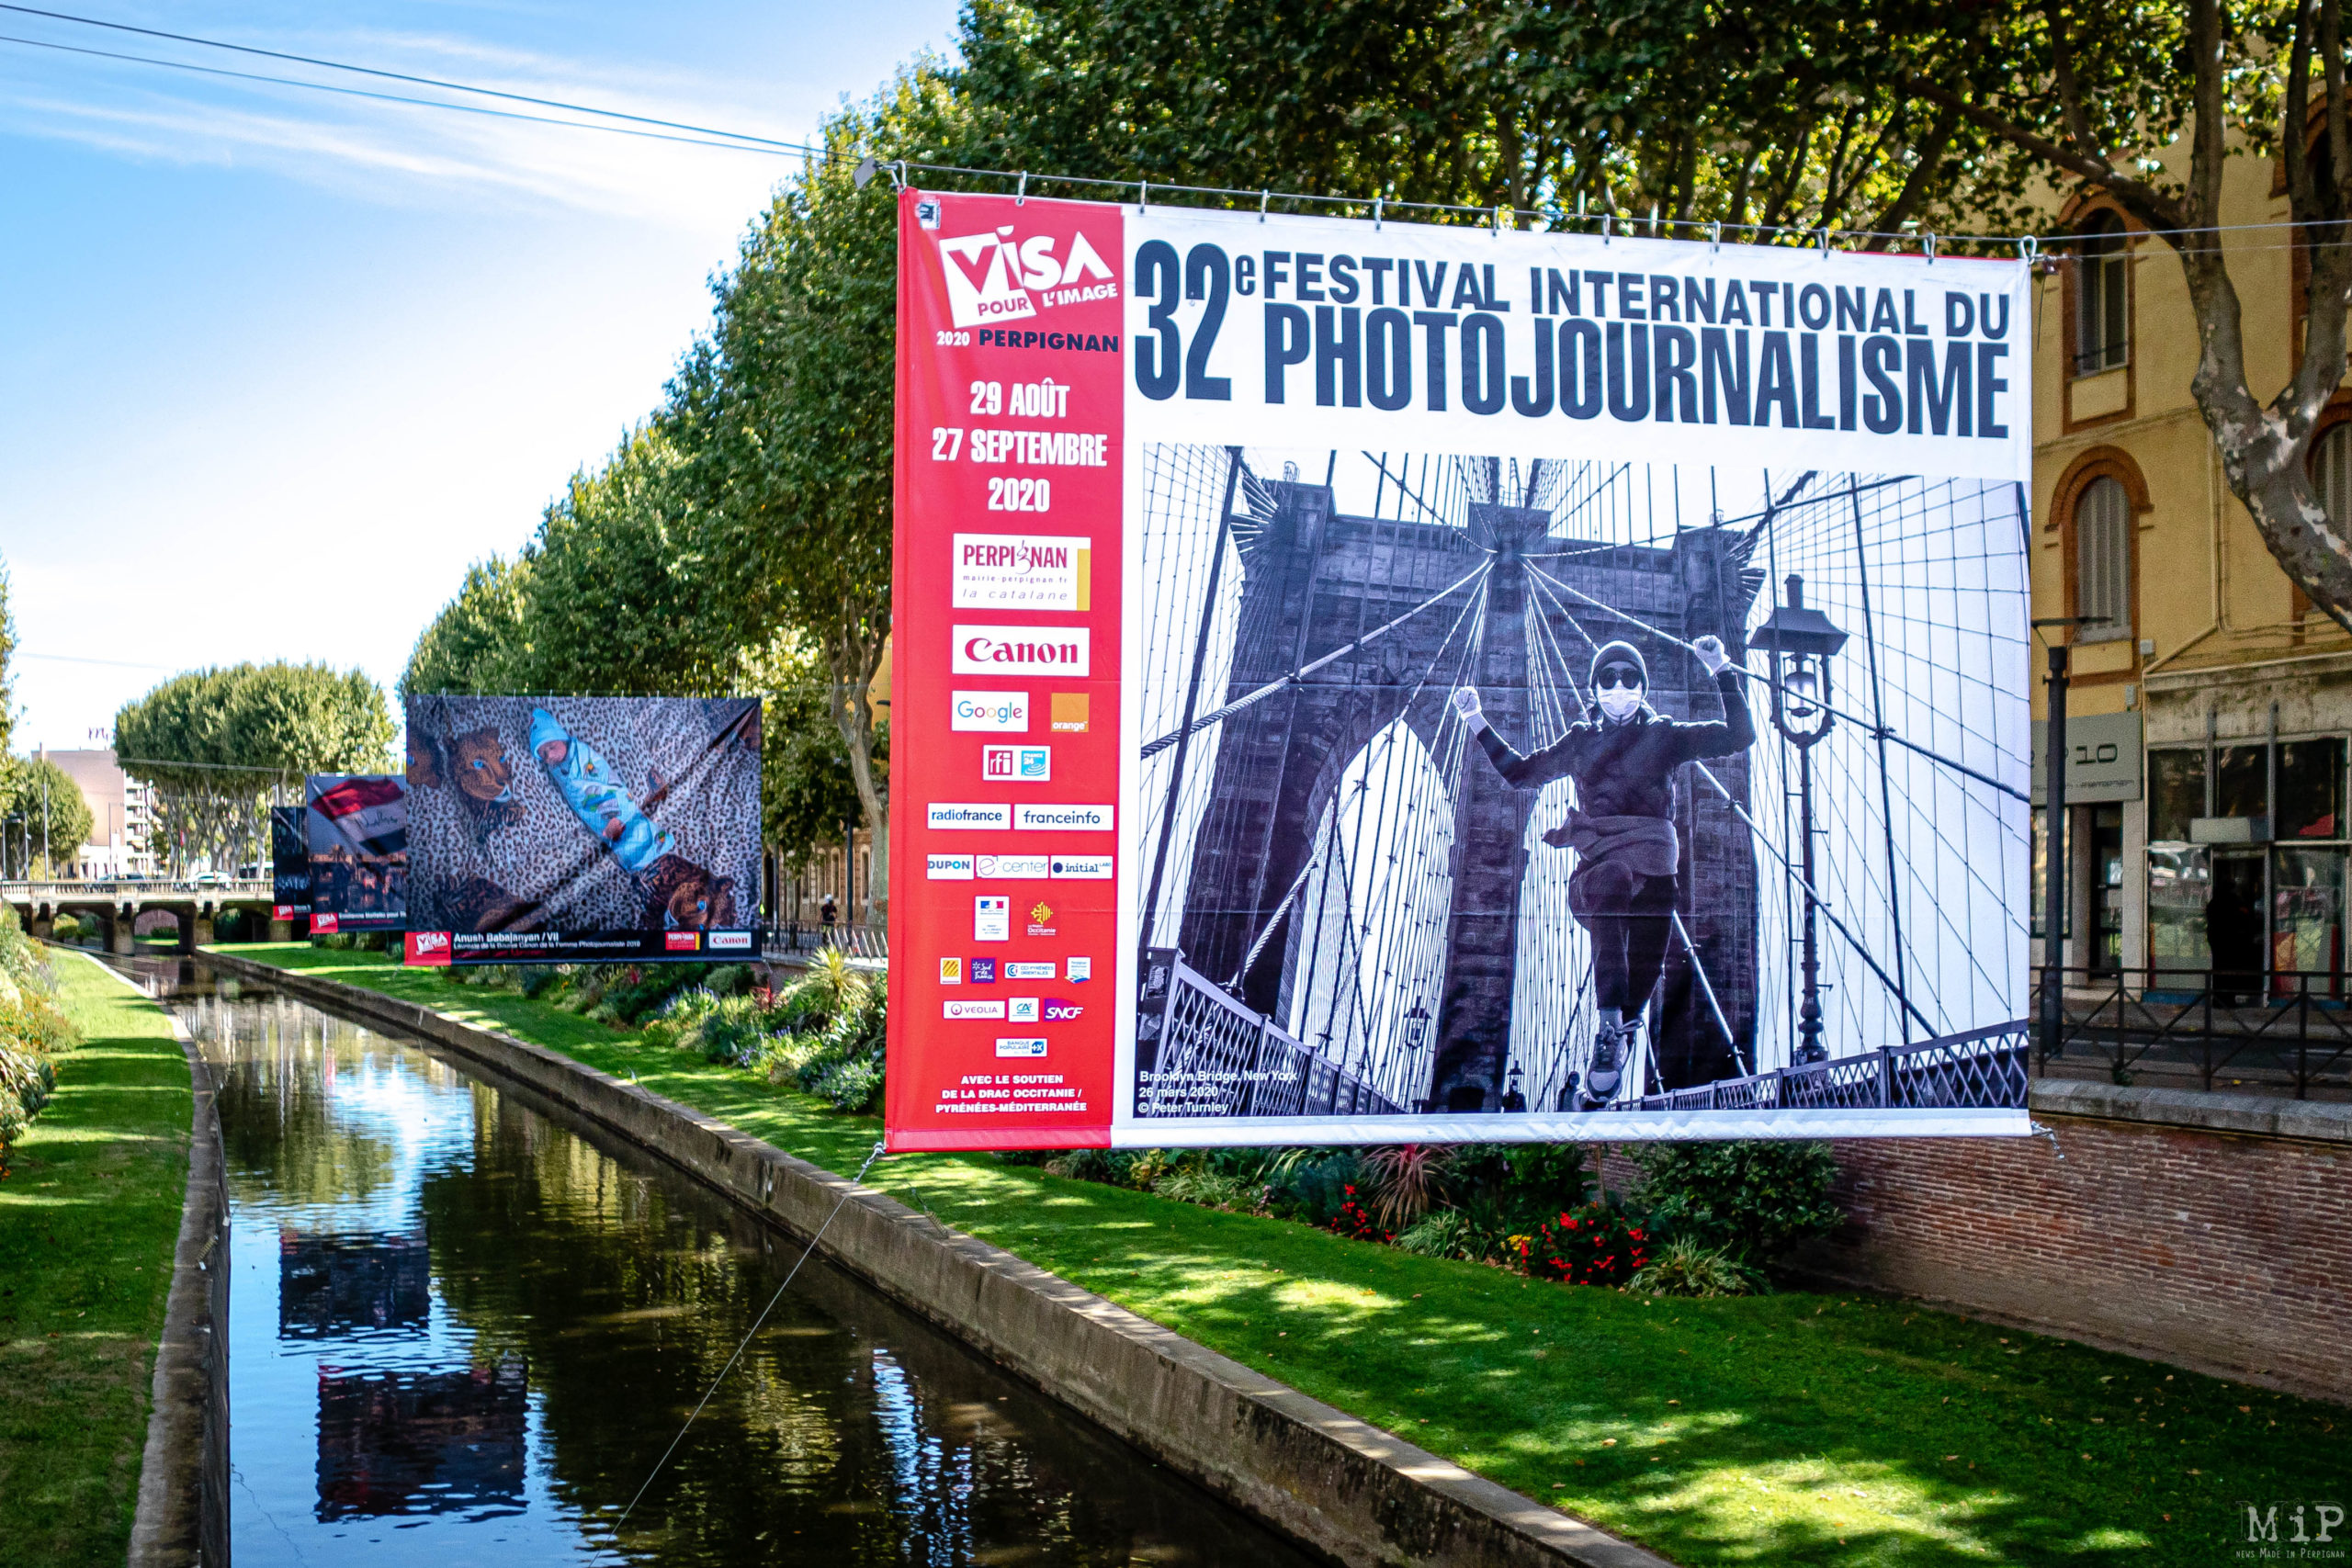 24/08/2020, Perpignan, France, Visa pour l'image 32e installation baches © Arnaud Le Vu / MiP